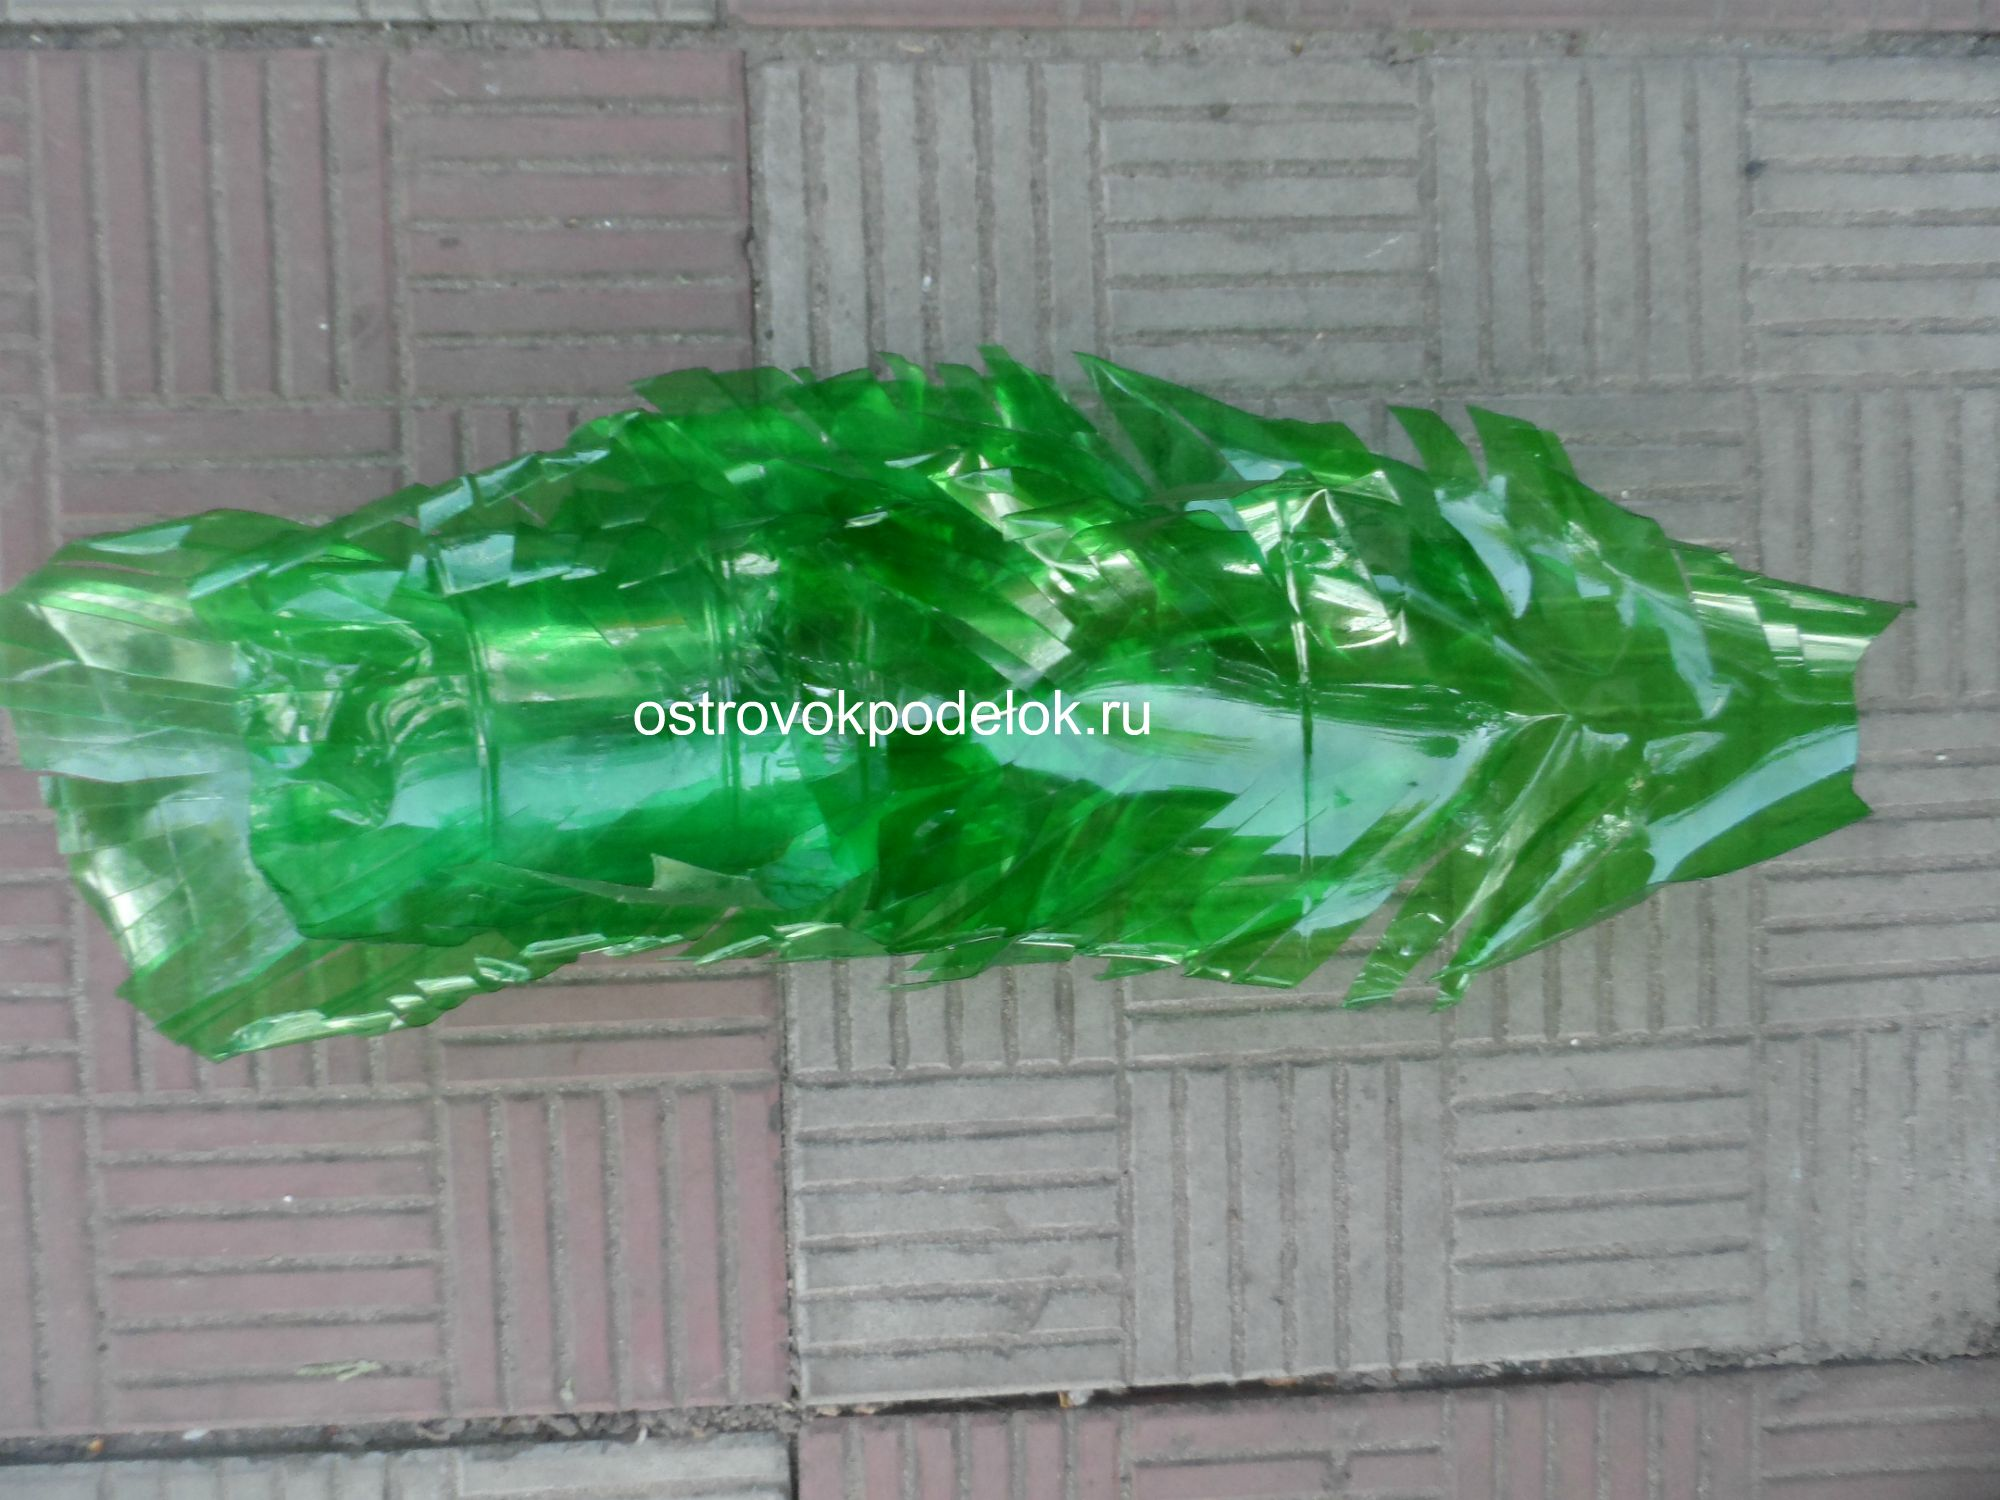 Поделки из пластиковых коричневых бутылок 191